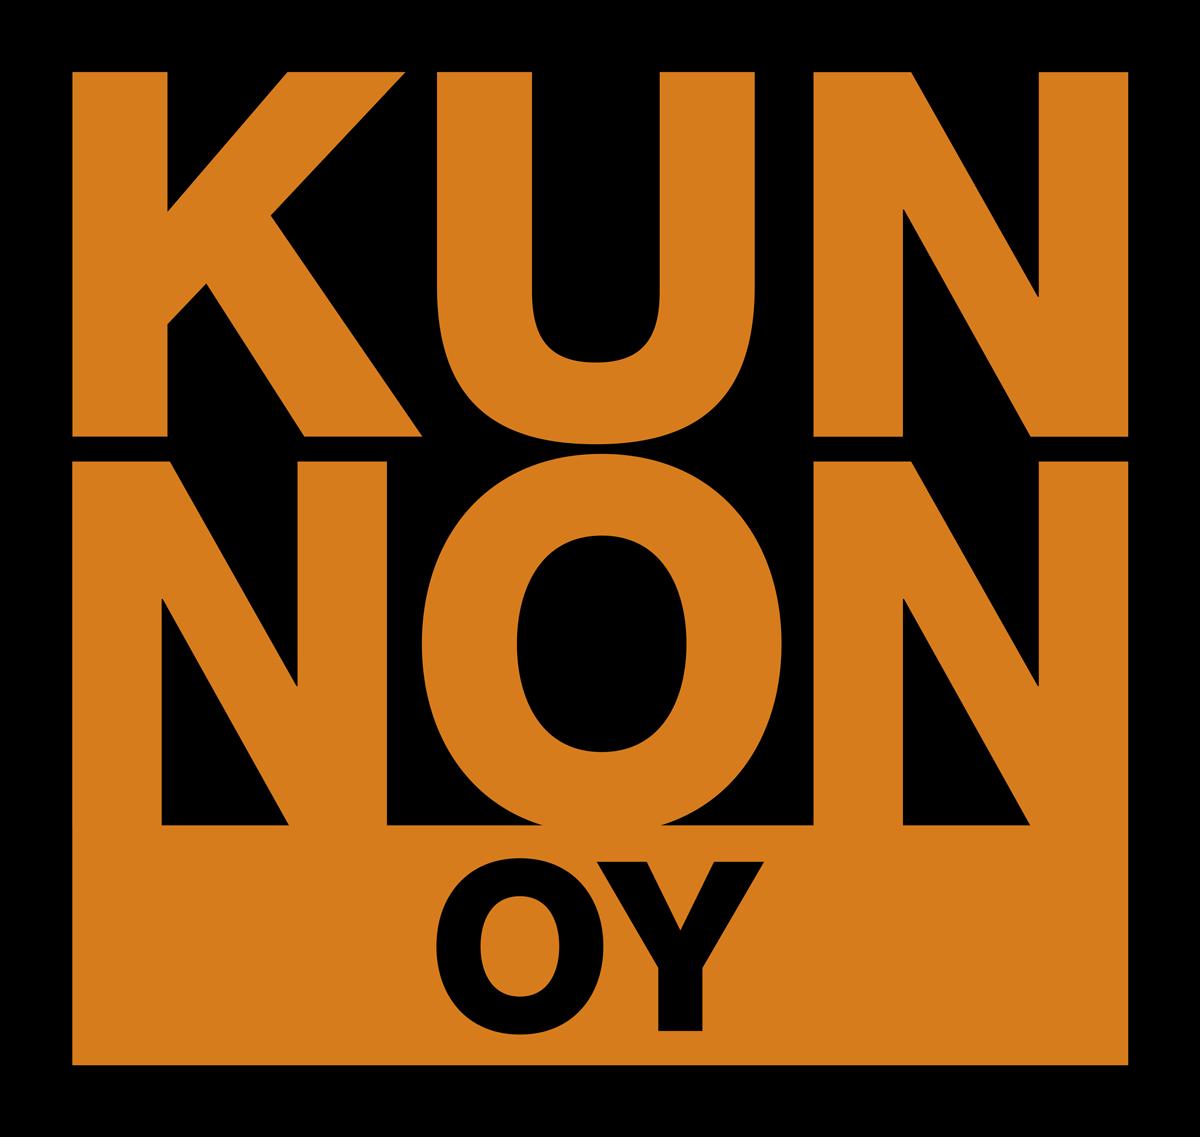 Kunnon Oy